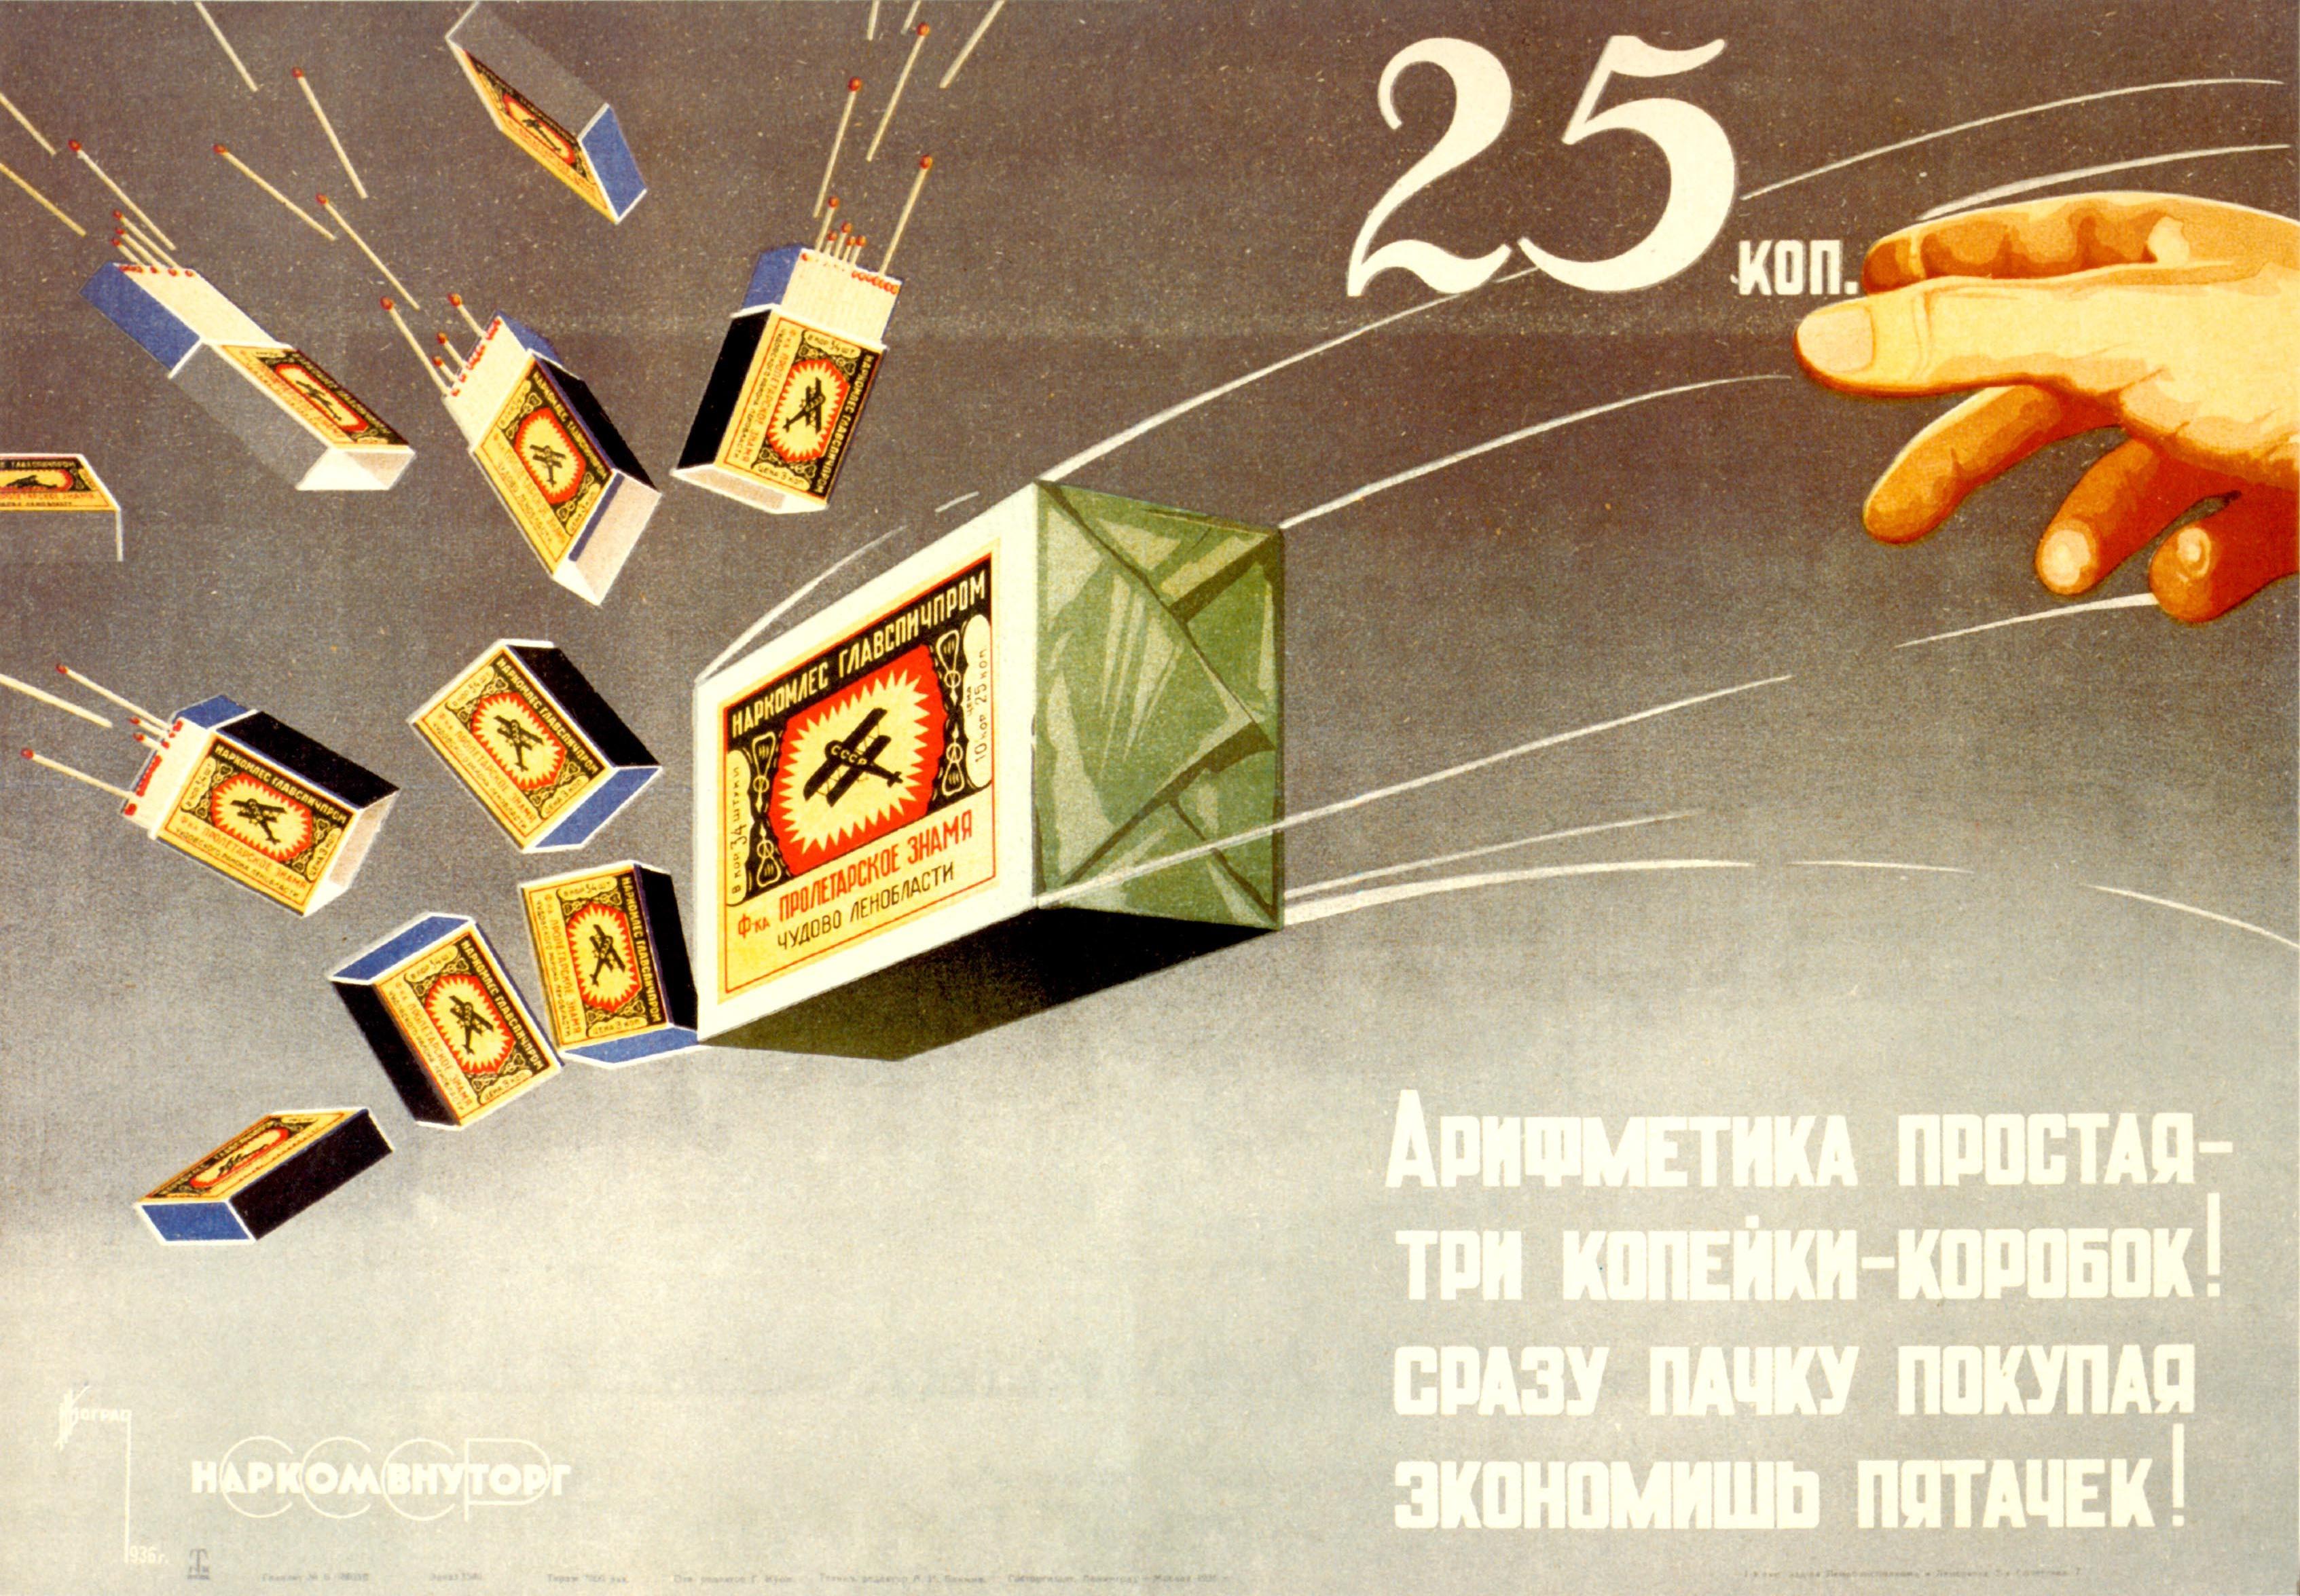 Старая реклама со времён СССР.